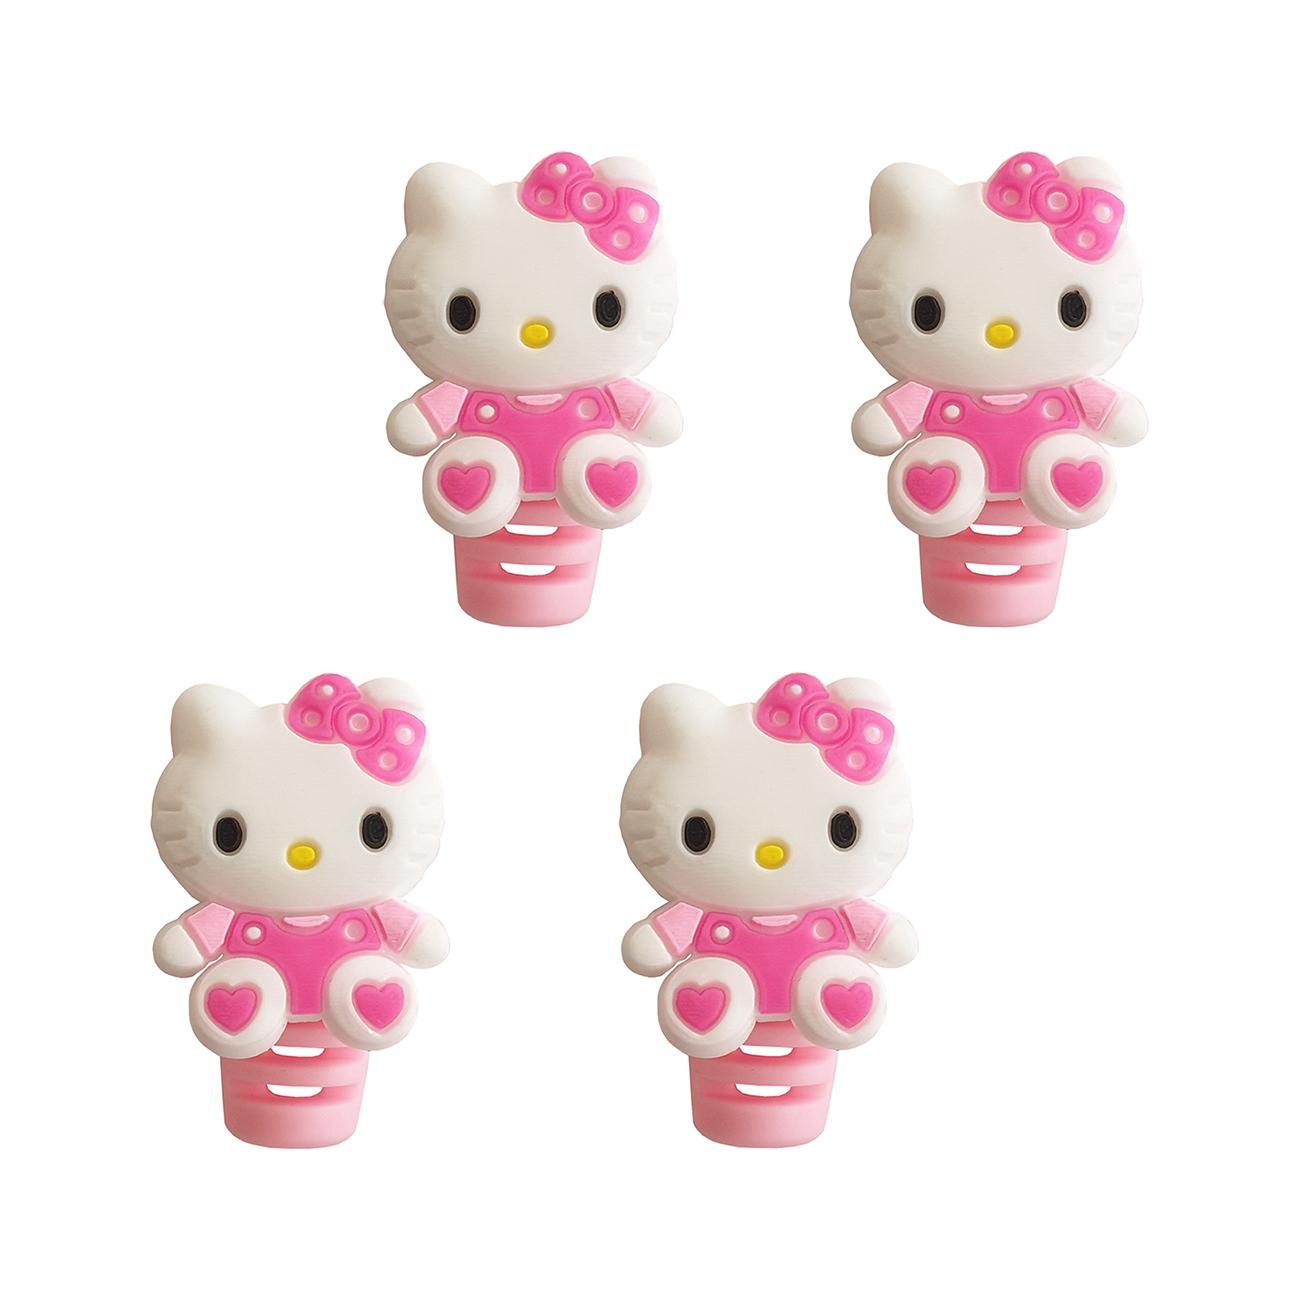 محافظ کابل طرح Kitty کد 2209 بسته 4 عددی              ( قیمت و خرید)